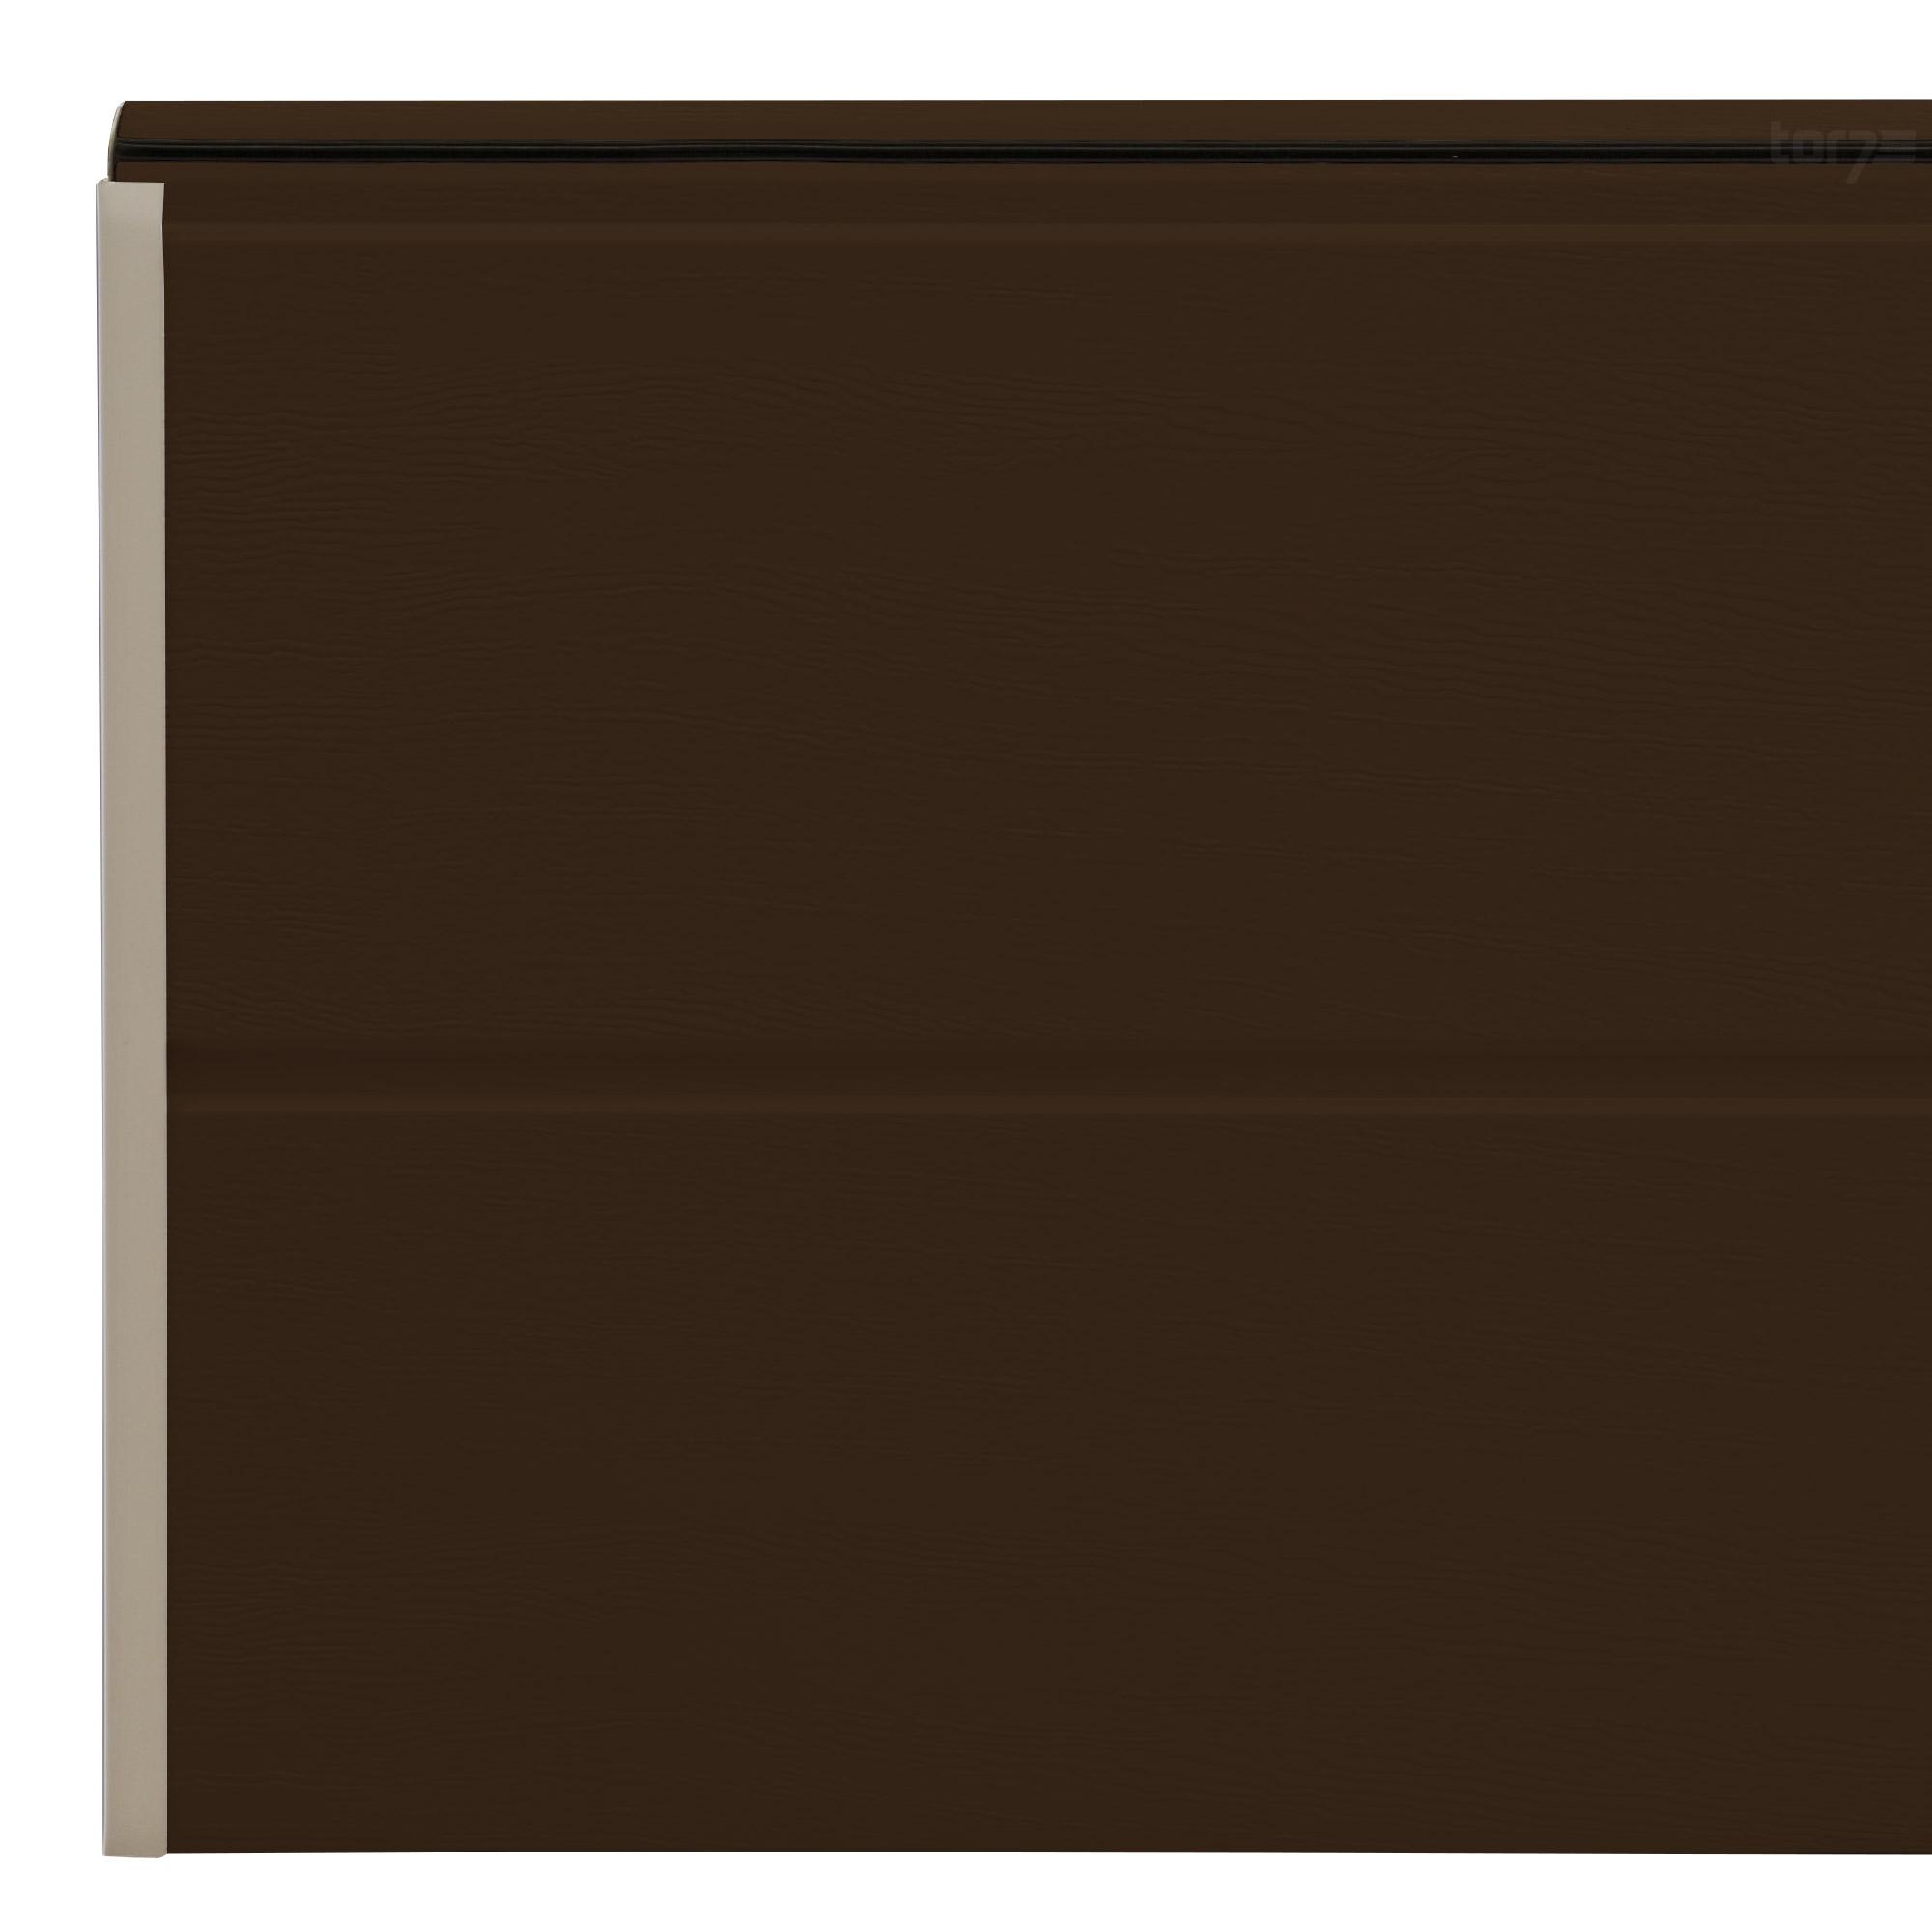 h rmann sektionaltor lamelle epu40 sektion torglied torsection garagentor ebay. Black Bedroom Furniture Sets. Home Design Ideas